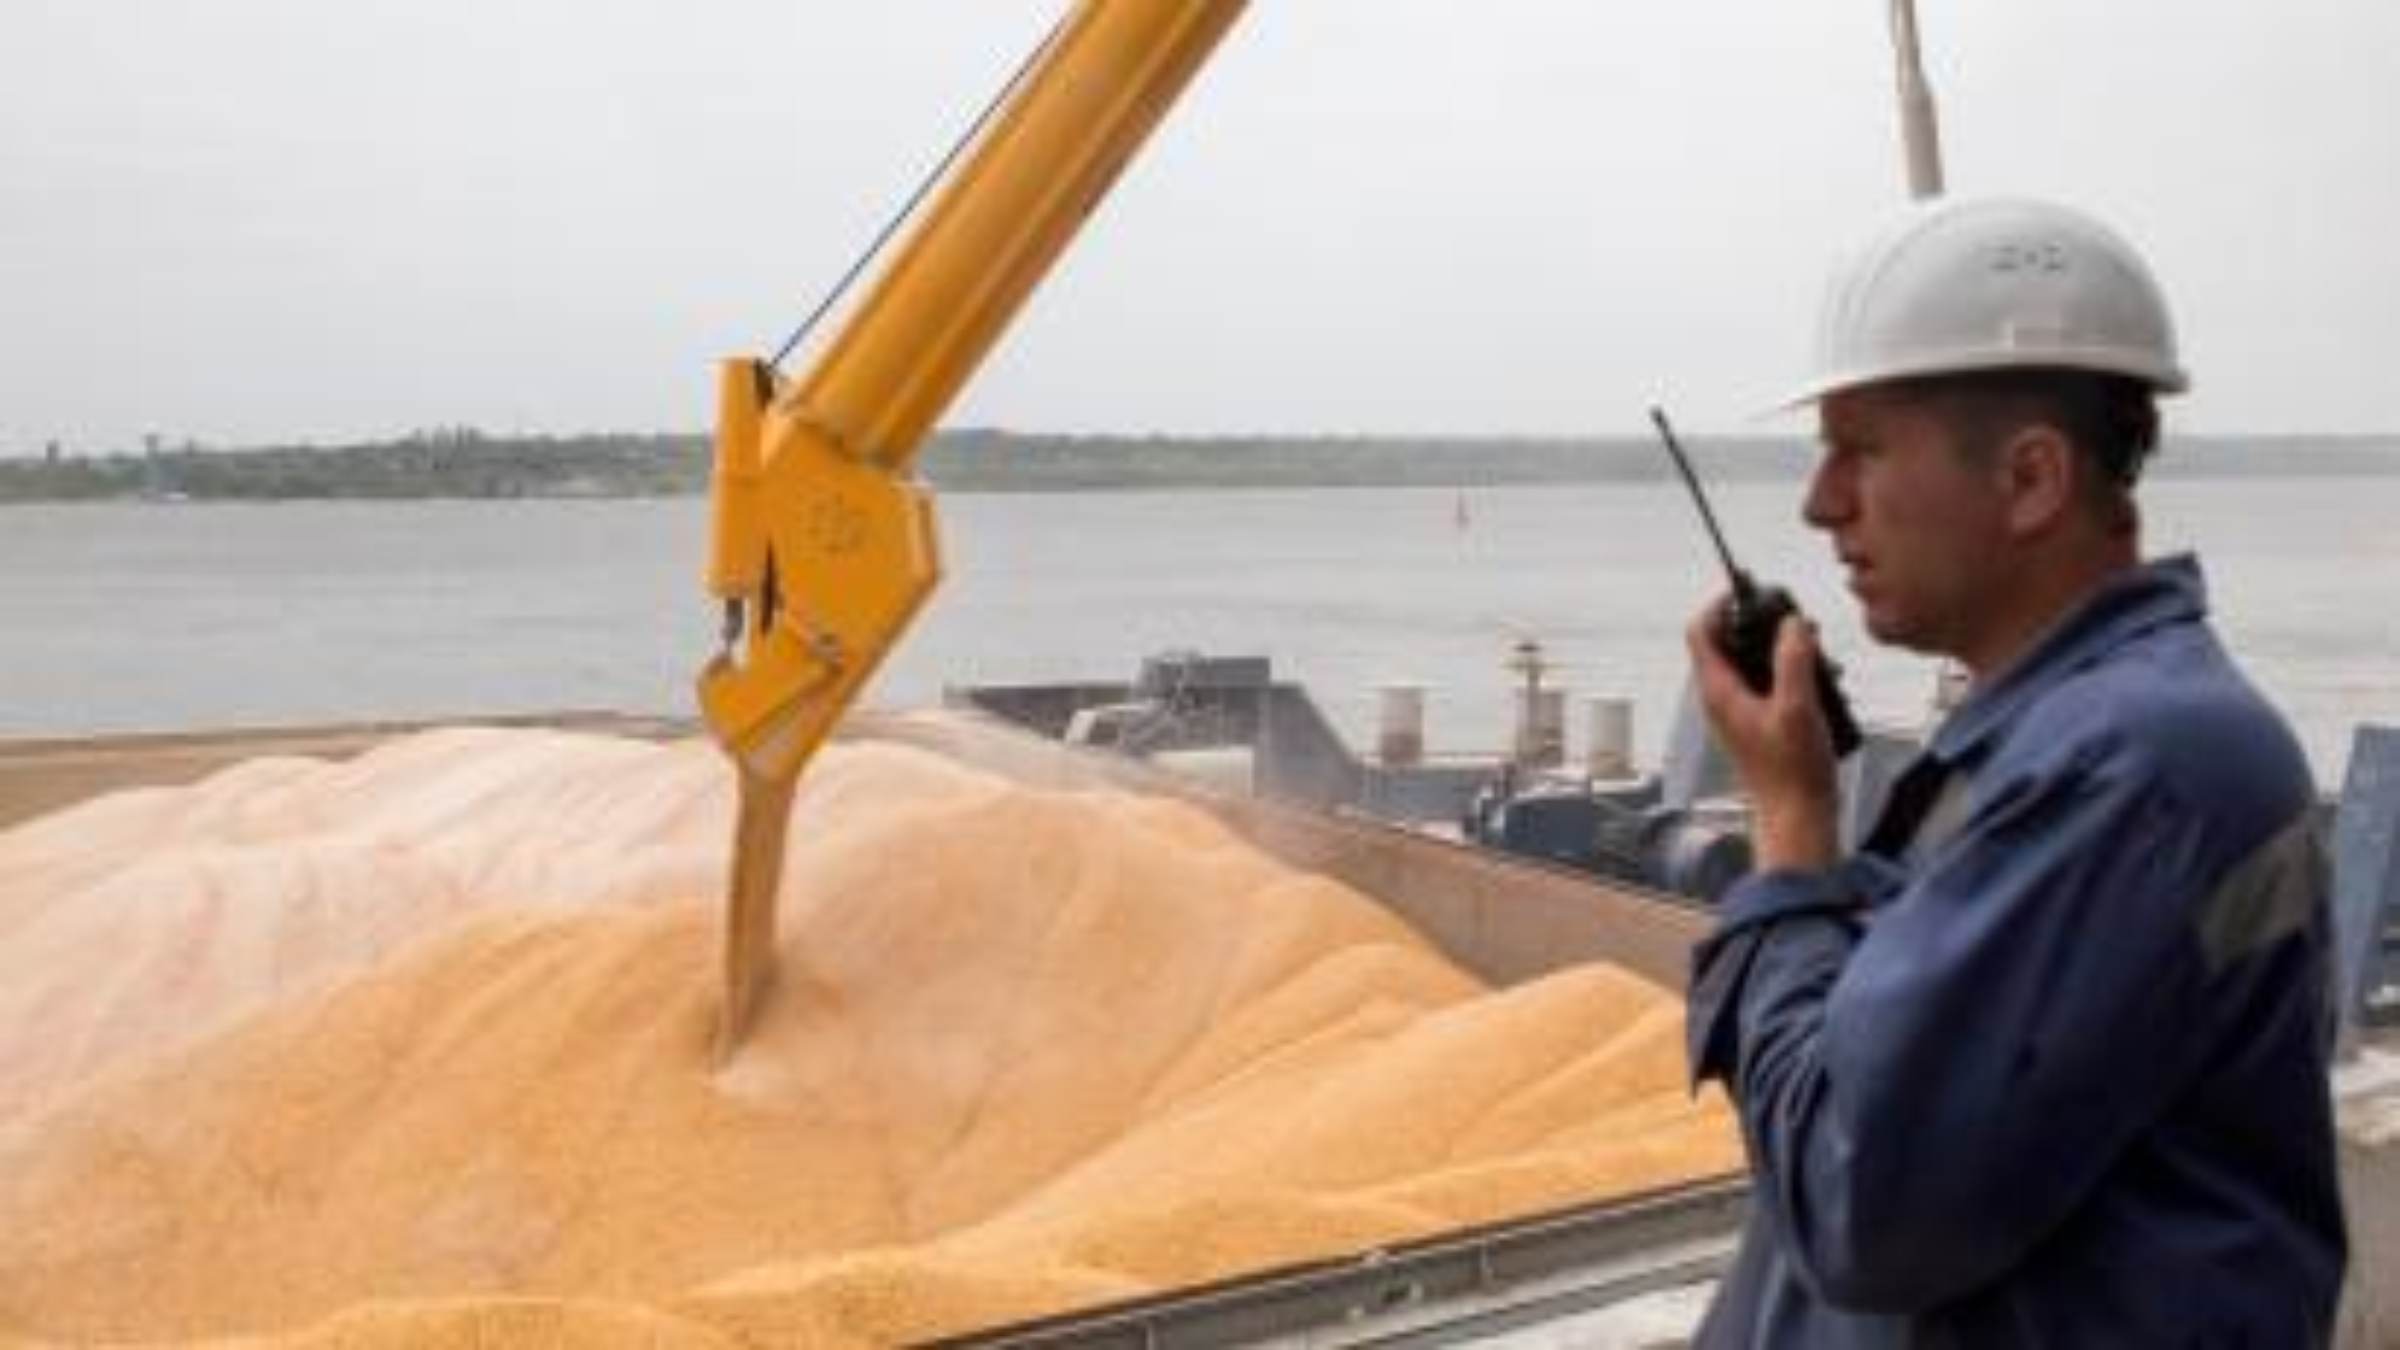 Wheat Ukraine